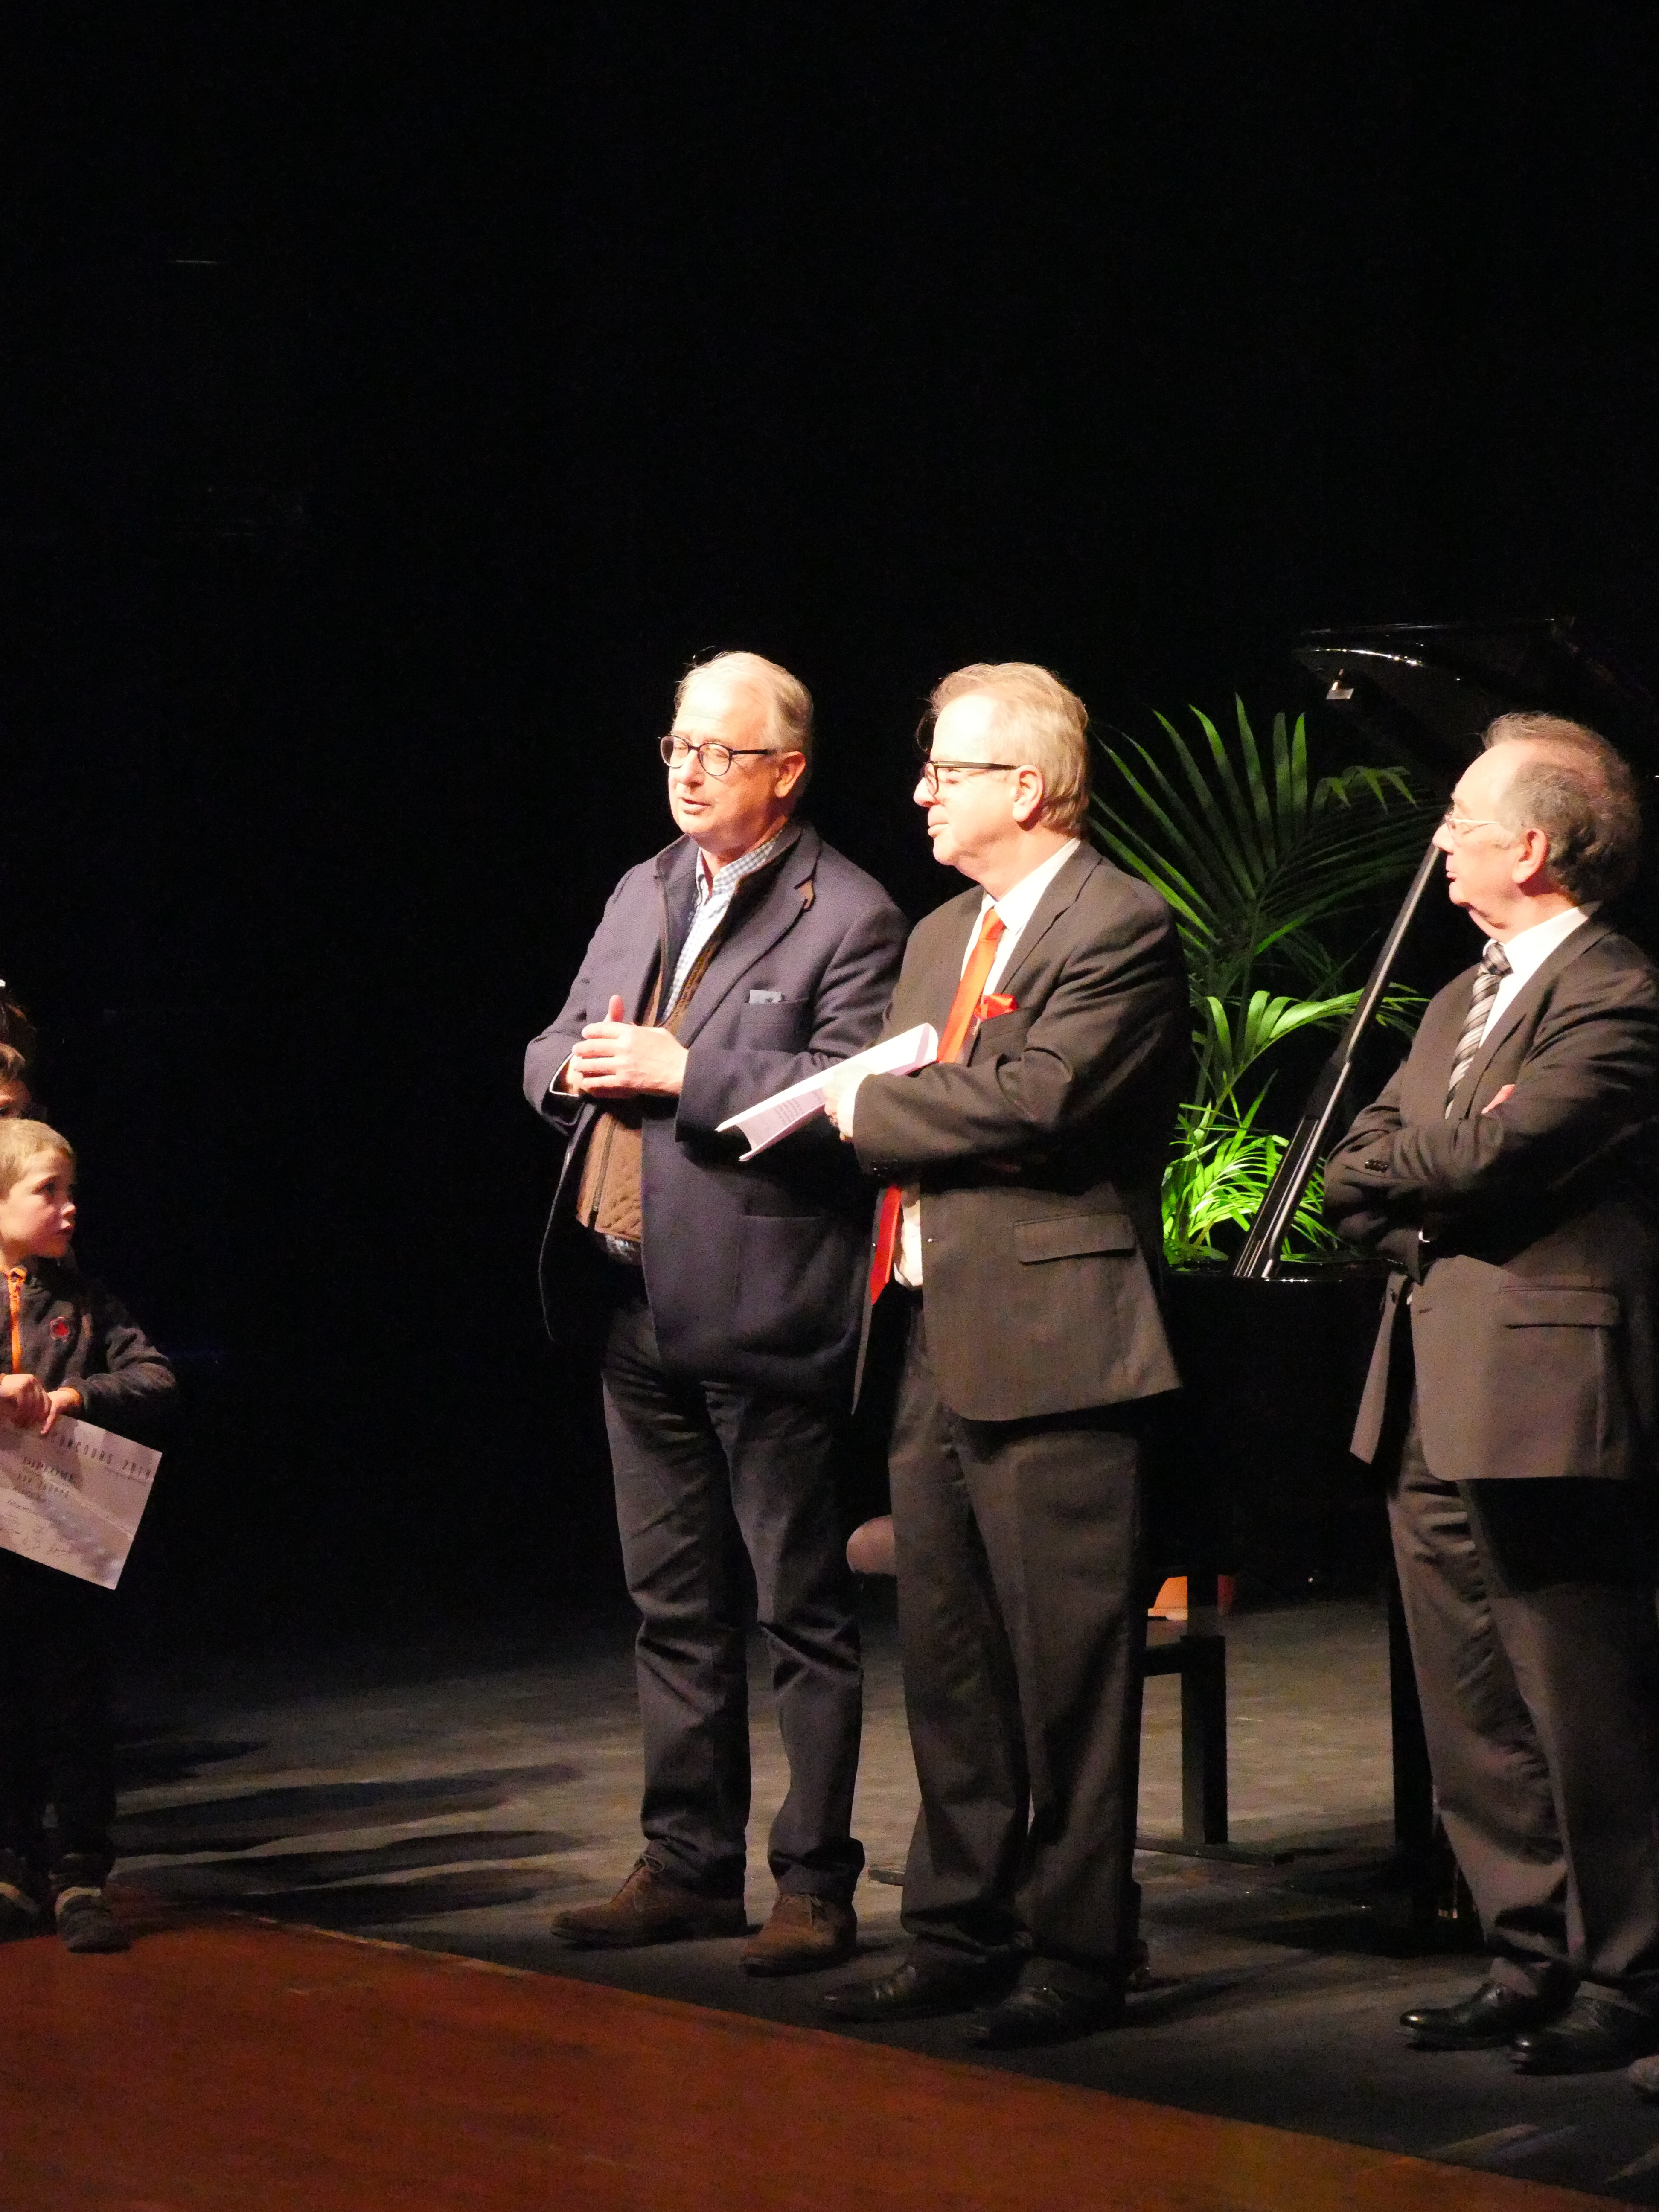 Denis Simandy, Jury au Concours Pianissima International, avec le maire de Marcq en Baroeul